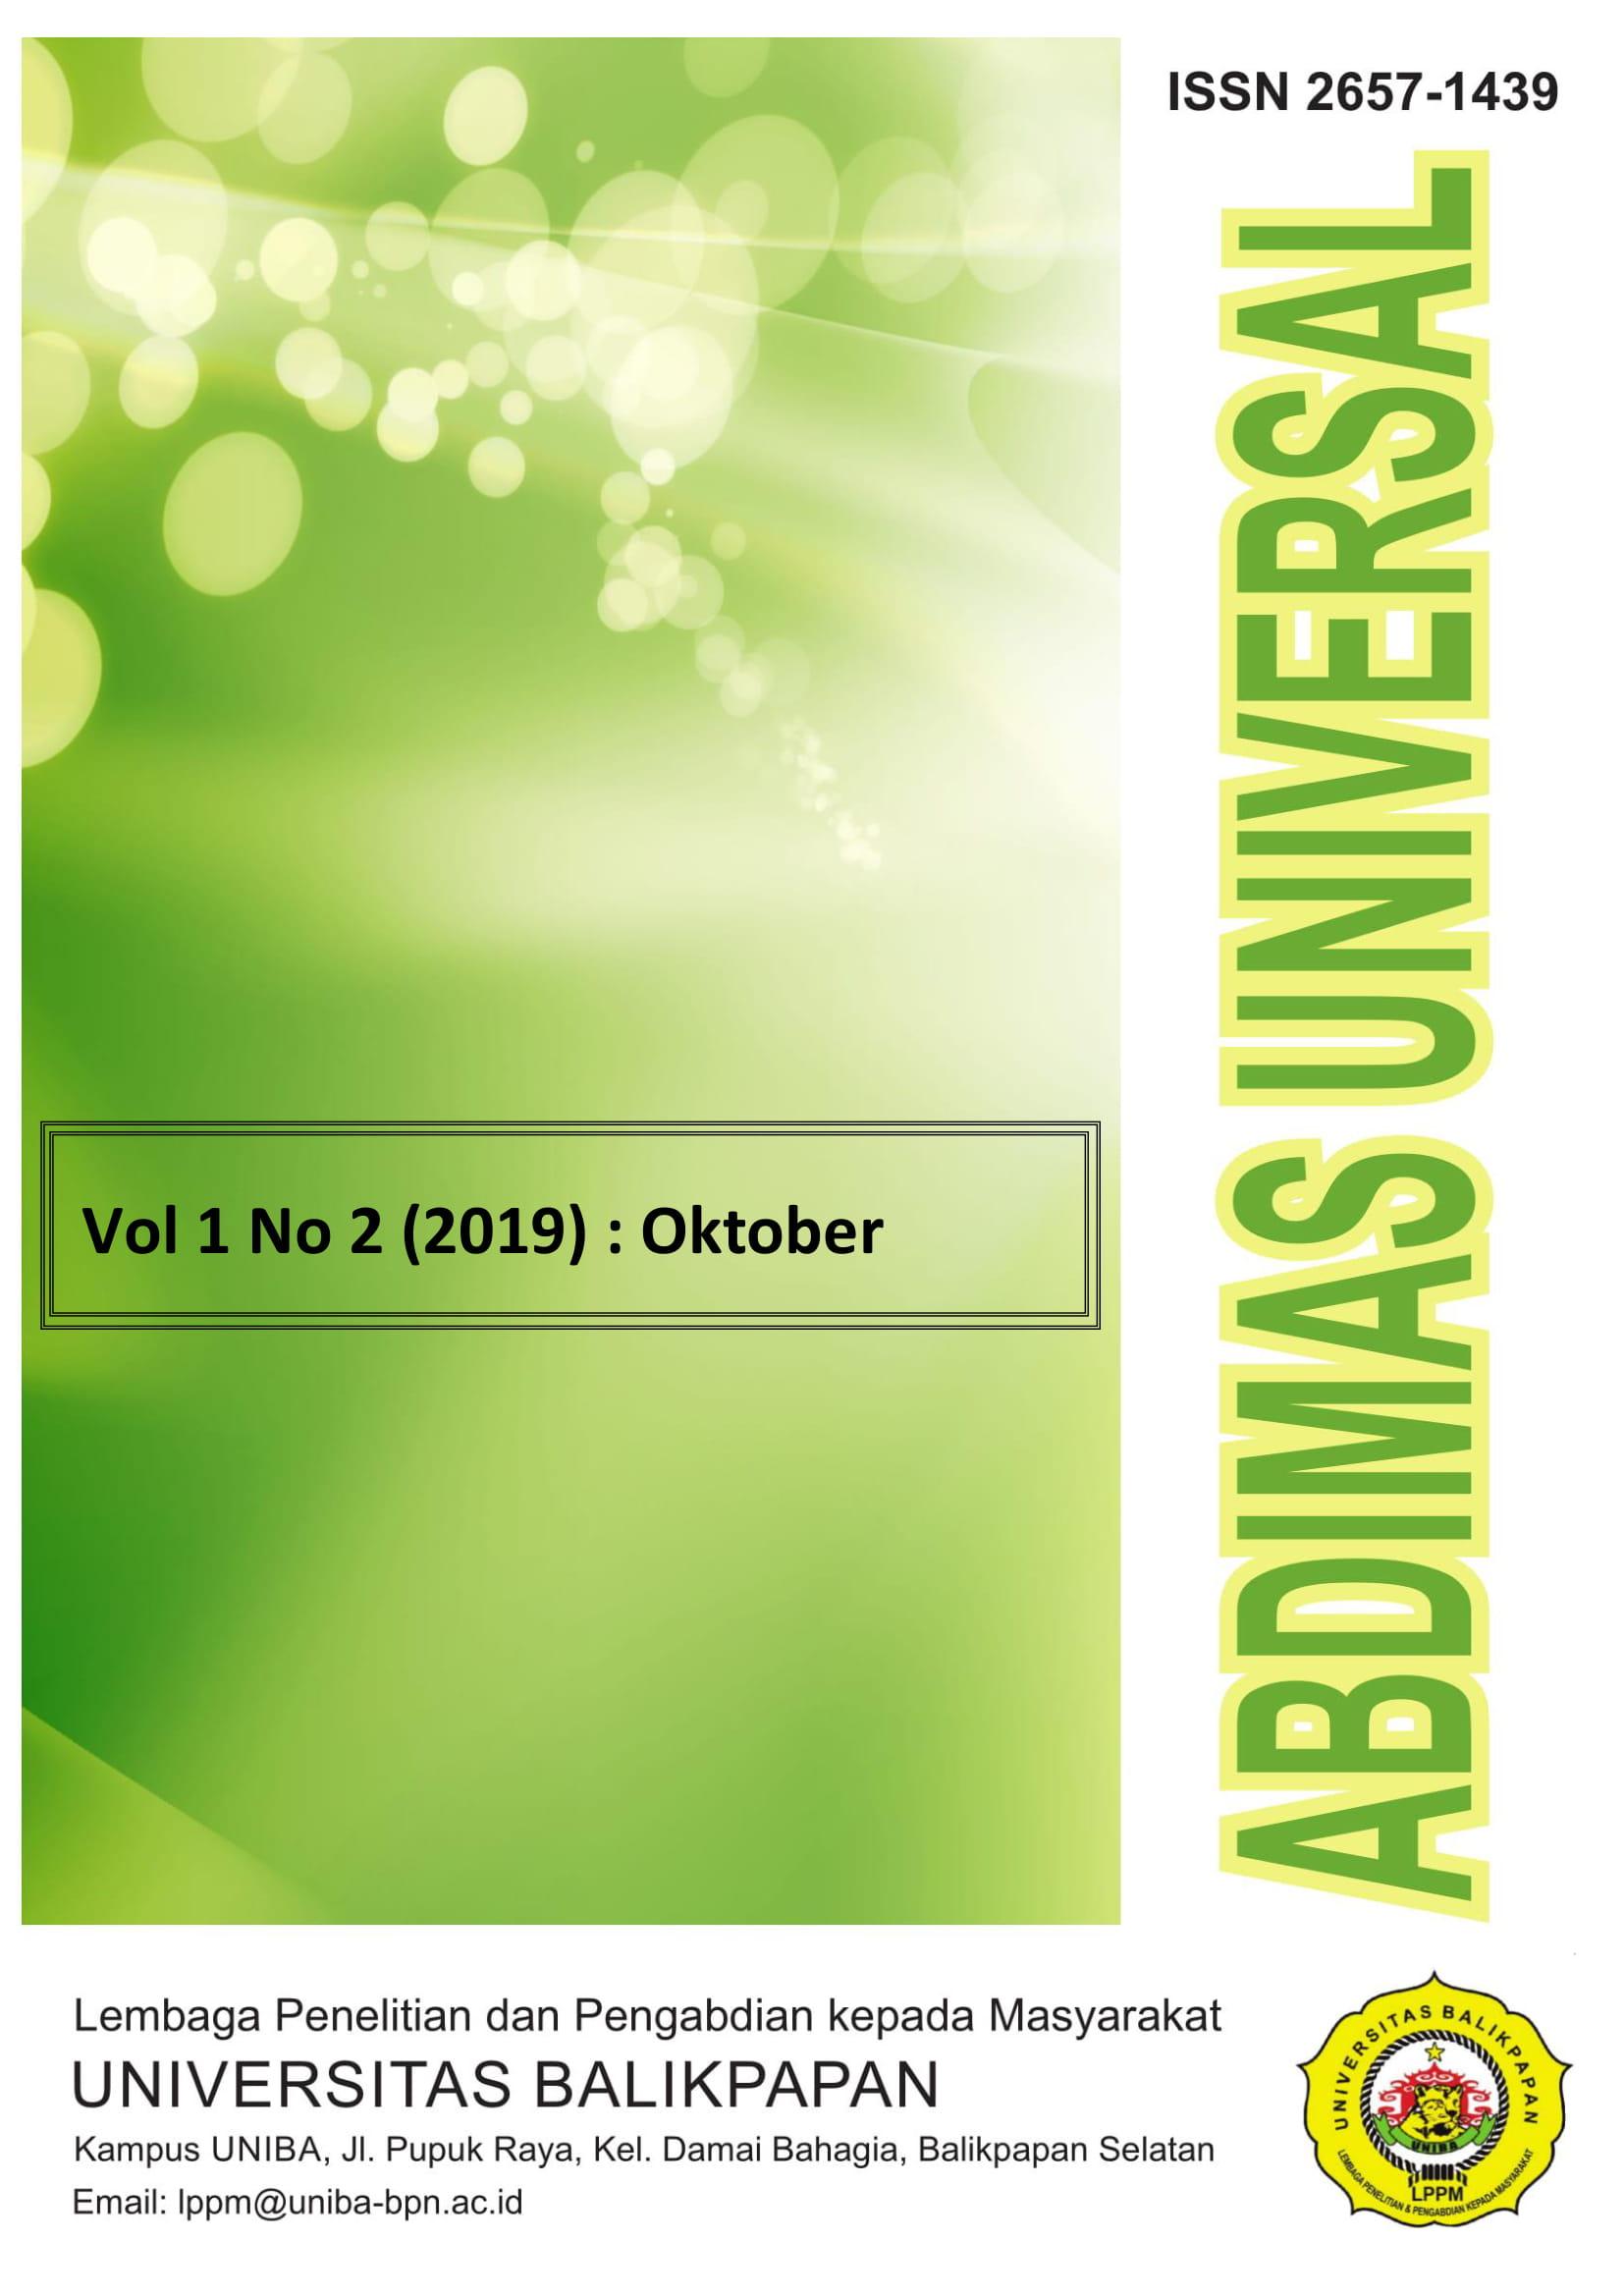 View Vol. 1 No. 2 (2019): Oktober